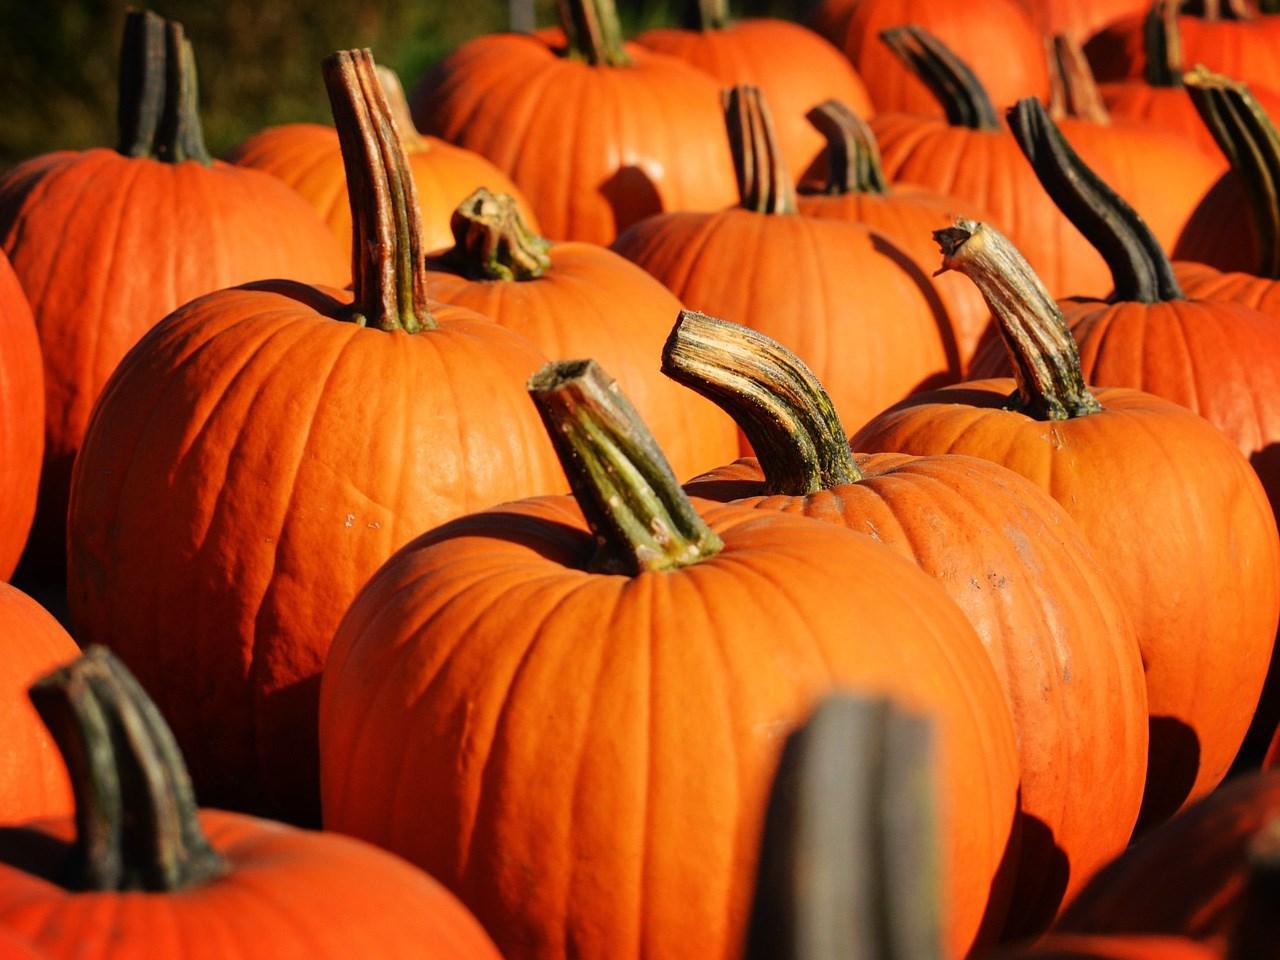 pumpkins_1538693150255.jpg